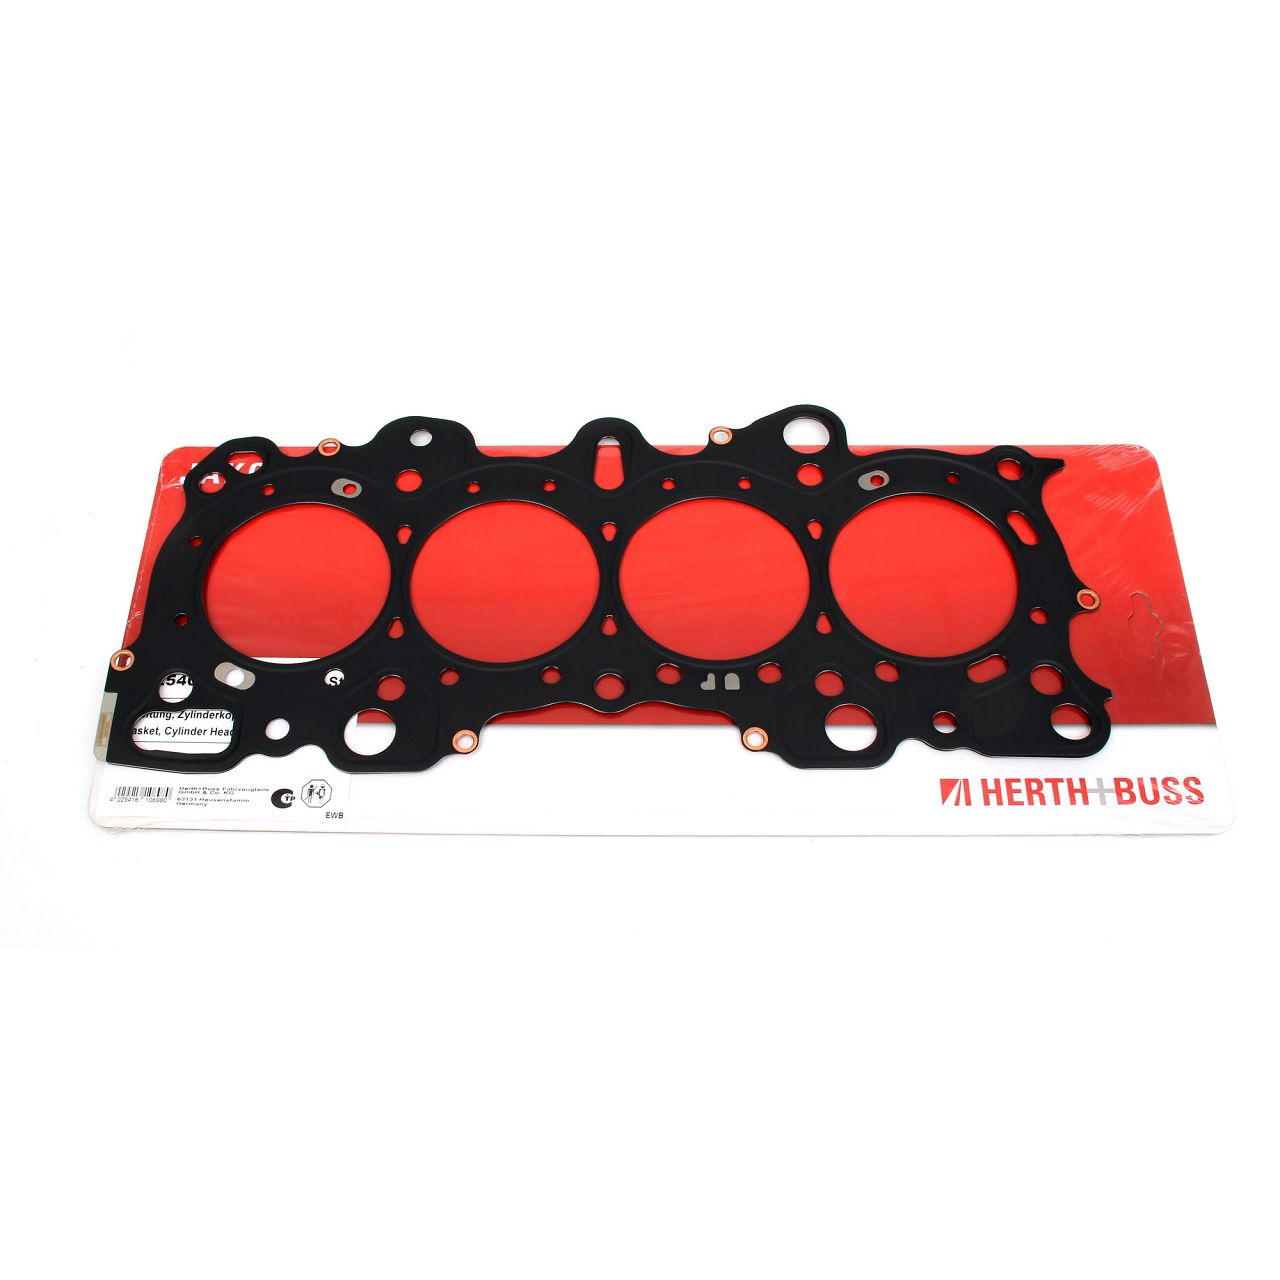 HERTH+BUSS JAKOPARTS Zylinderkopfdichtung J1254029 für Honda Civic CRX Integra